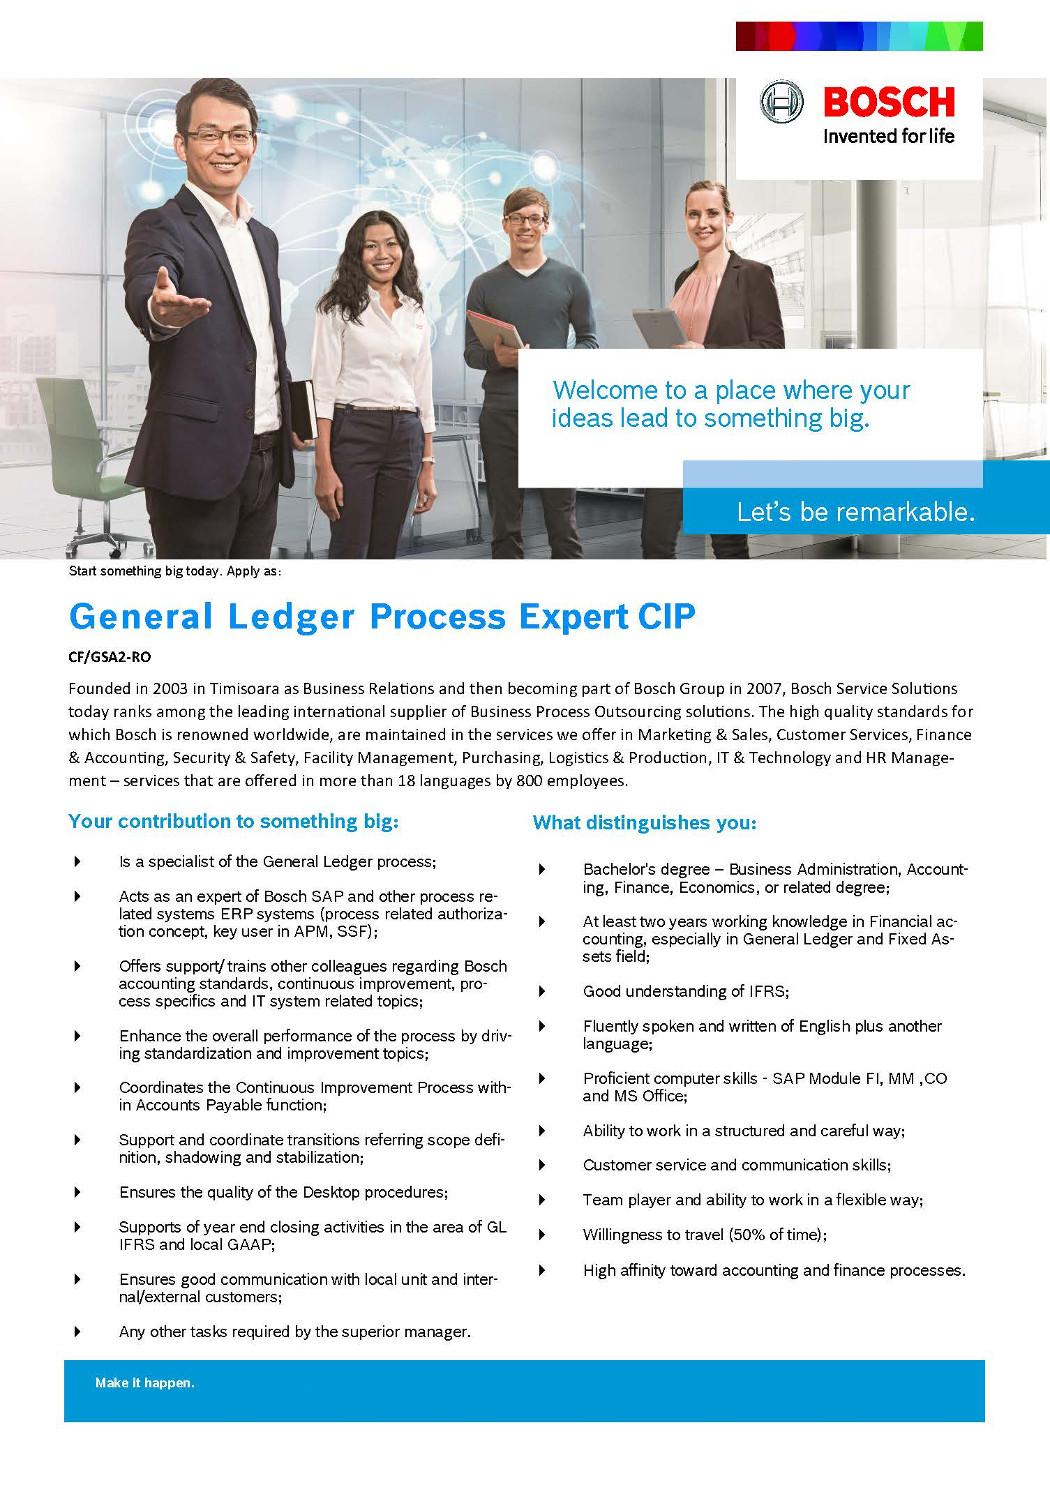 general ledger process expert cip